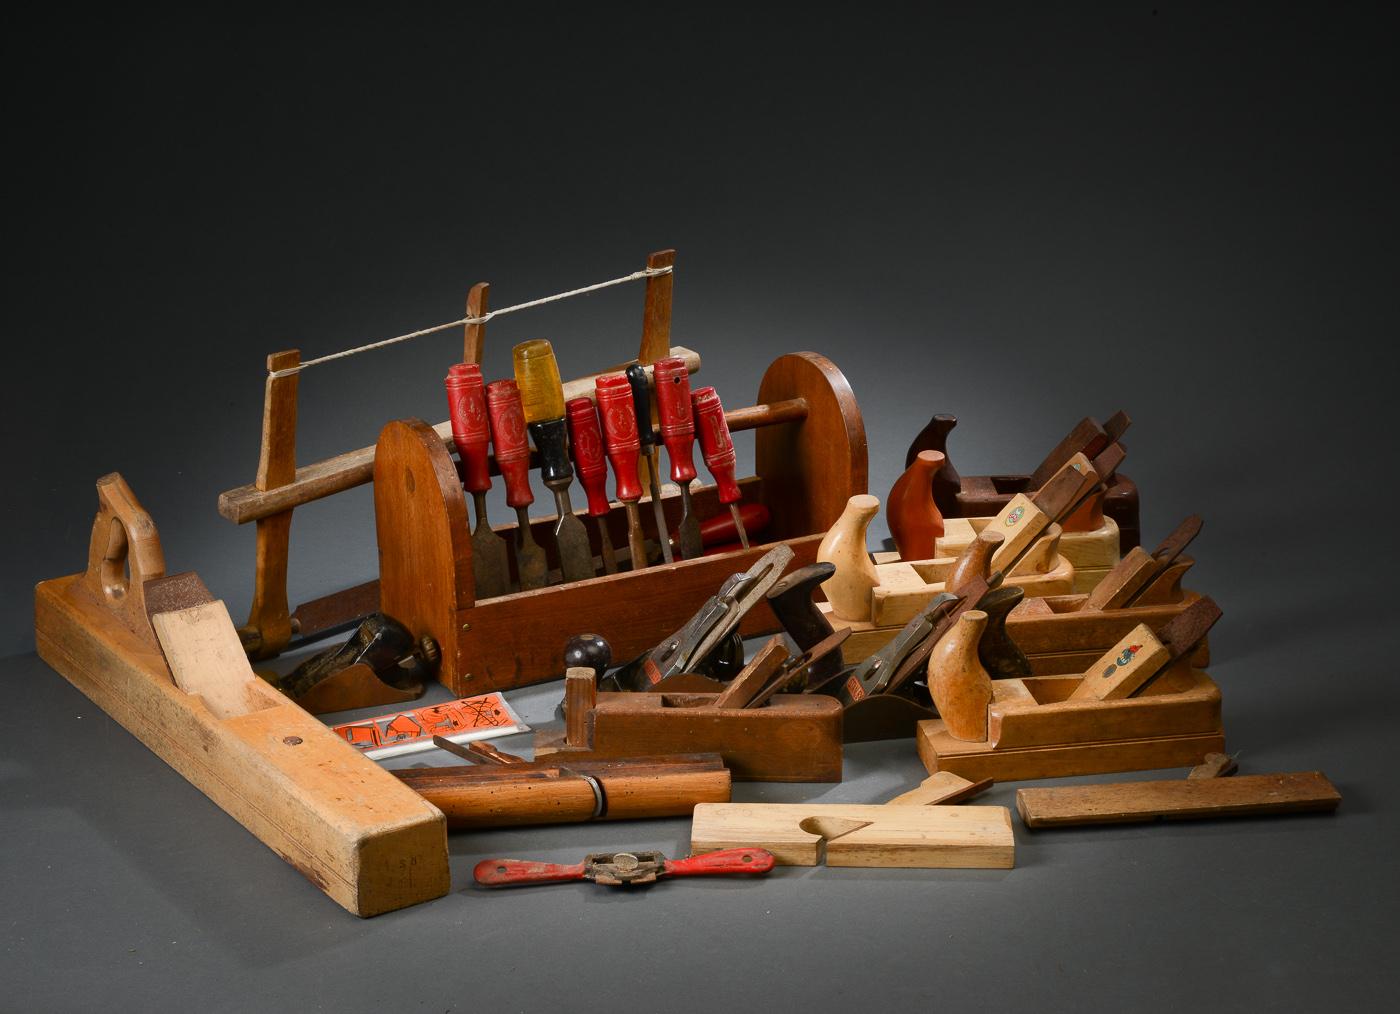 En samling værktøj bestående af høvle, stemmejern, sav og file - En samling værktøj bestående af 13 diverse høvle af jern og træ bla. JPBO og Stanley, samt 12 diverse stemmejern og file